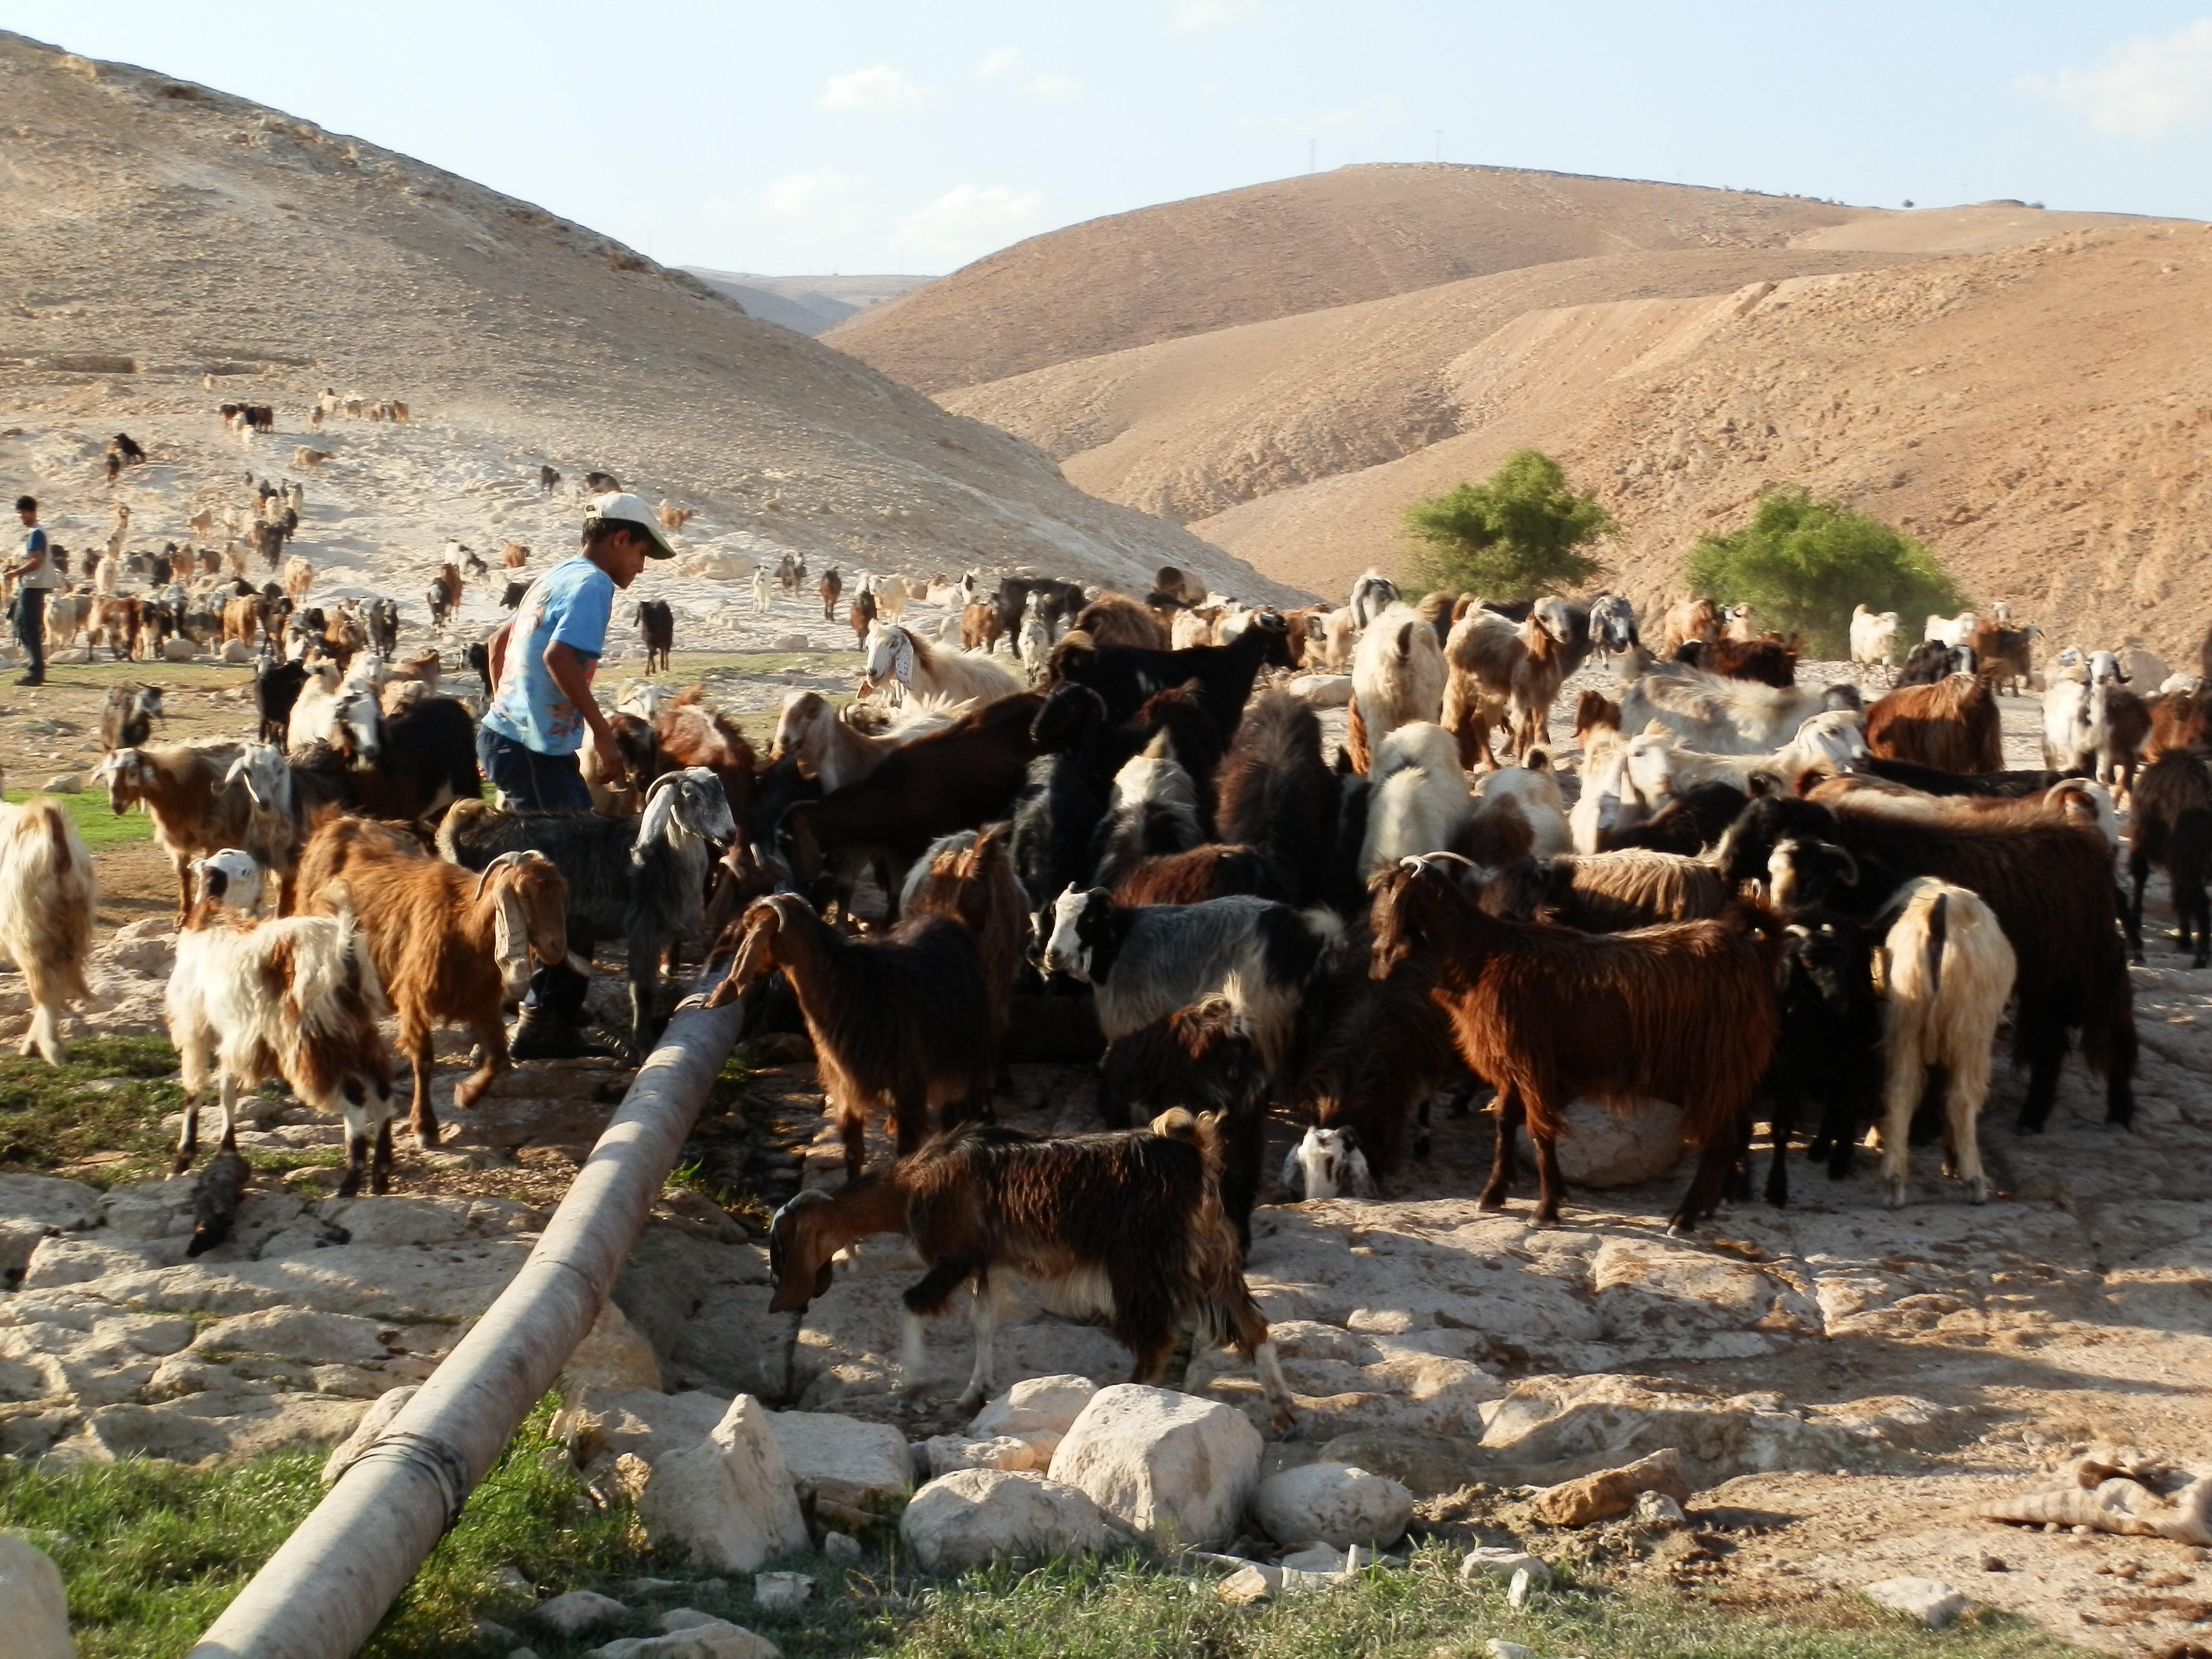 Israelse militêre intimidasie in die besette palestynse gebiede